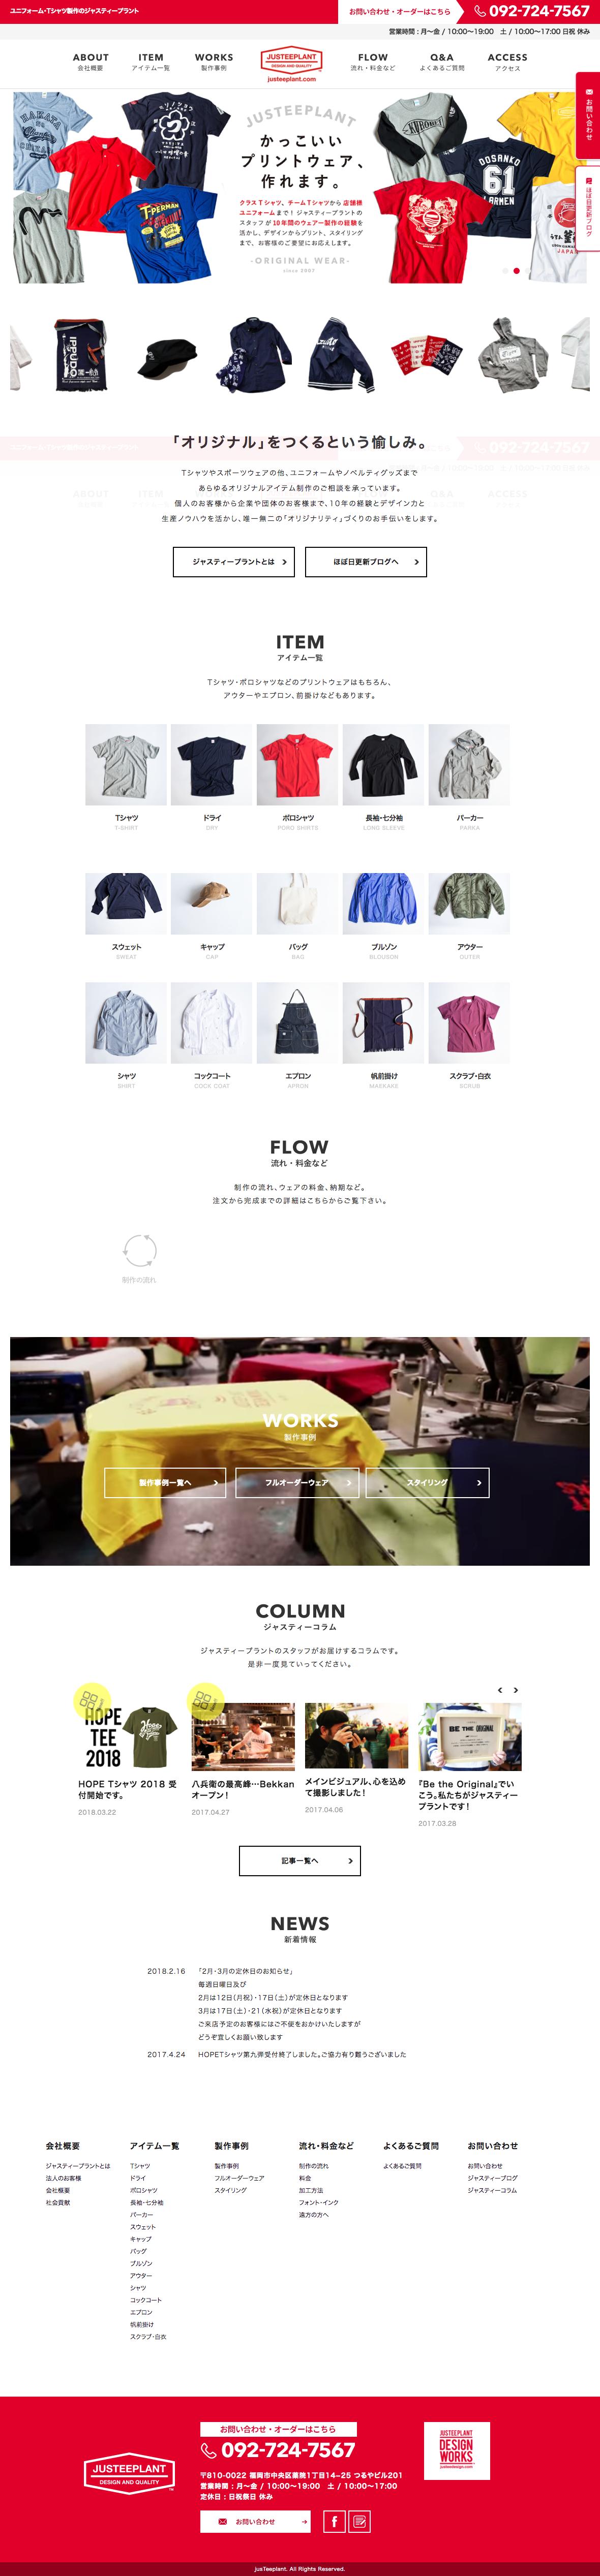 オリジナルTシャツ プリントデザイン 製作 福岡 ジャスティープラント